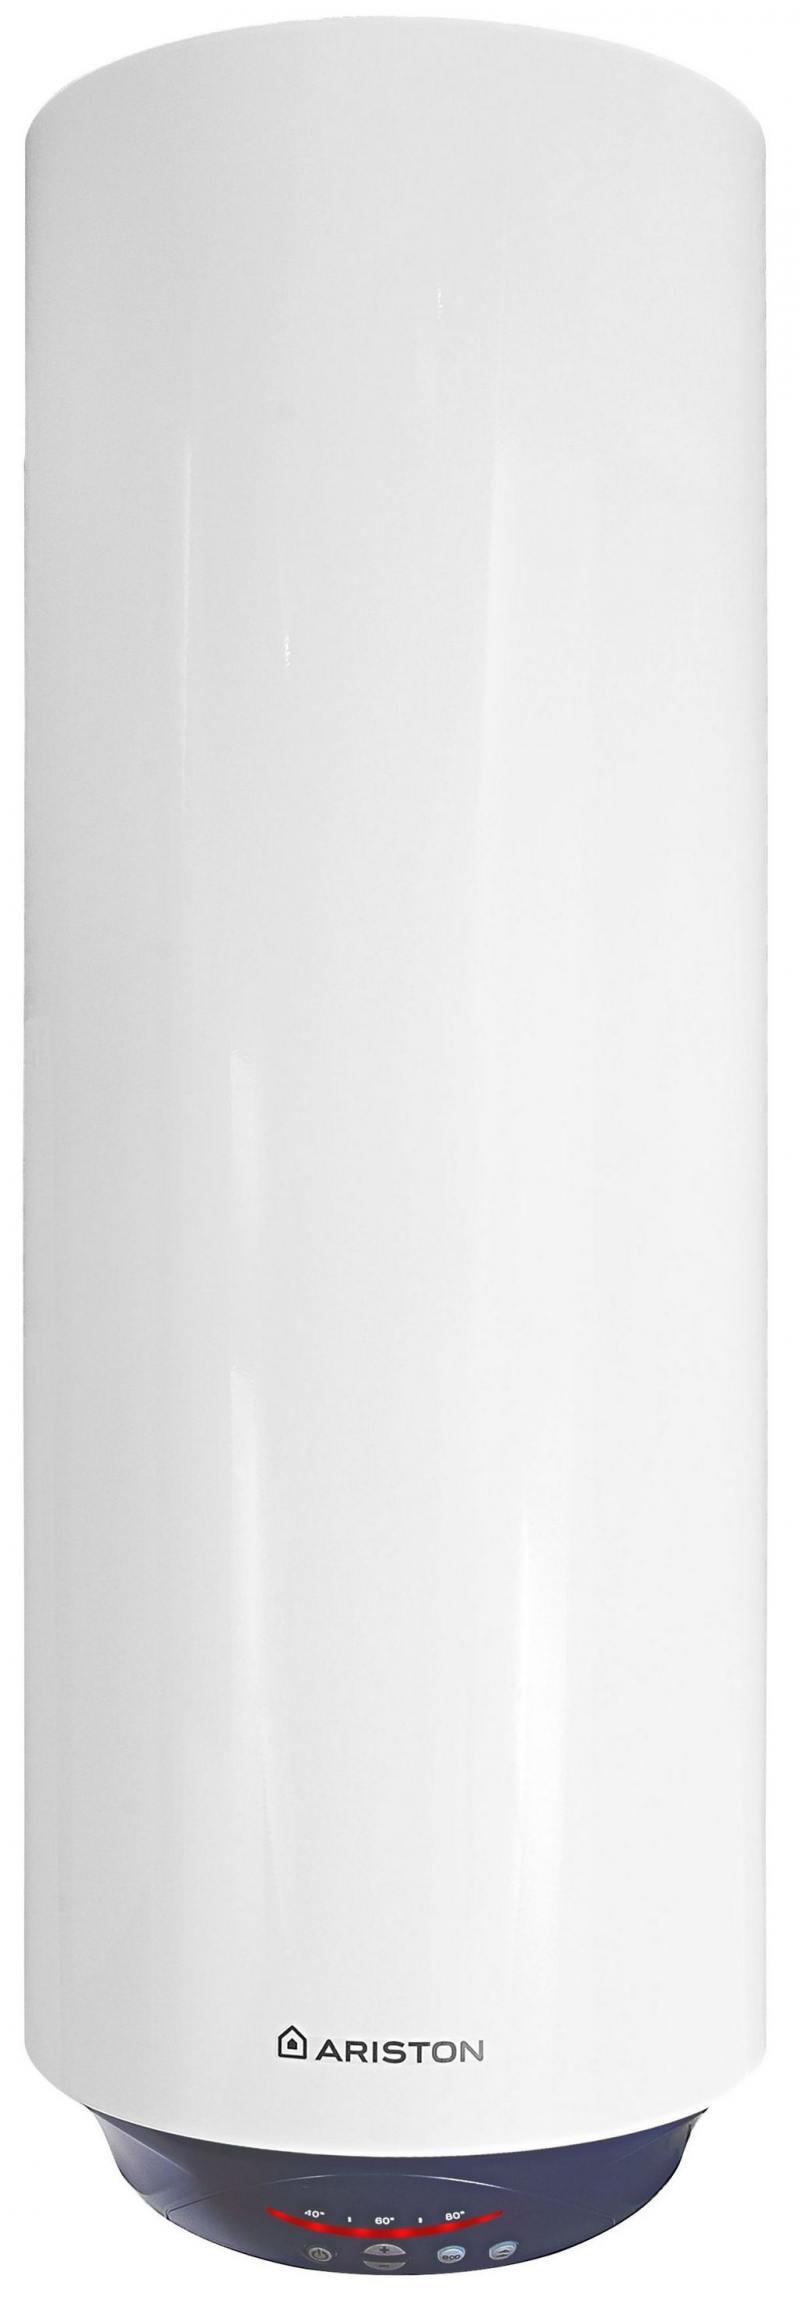 Водонагреватель накопительный Ariston ABS BLU ECO PW 65 V SLIM 65л 2.5кВт белый накопительный водонагреватель ariston abs blu eco pw 50 v slim